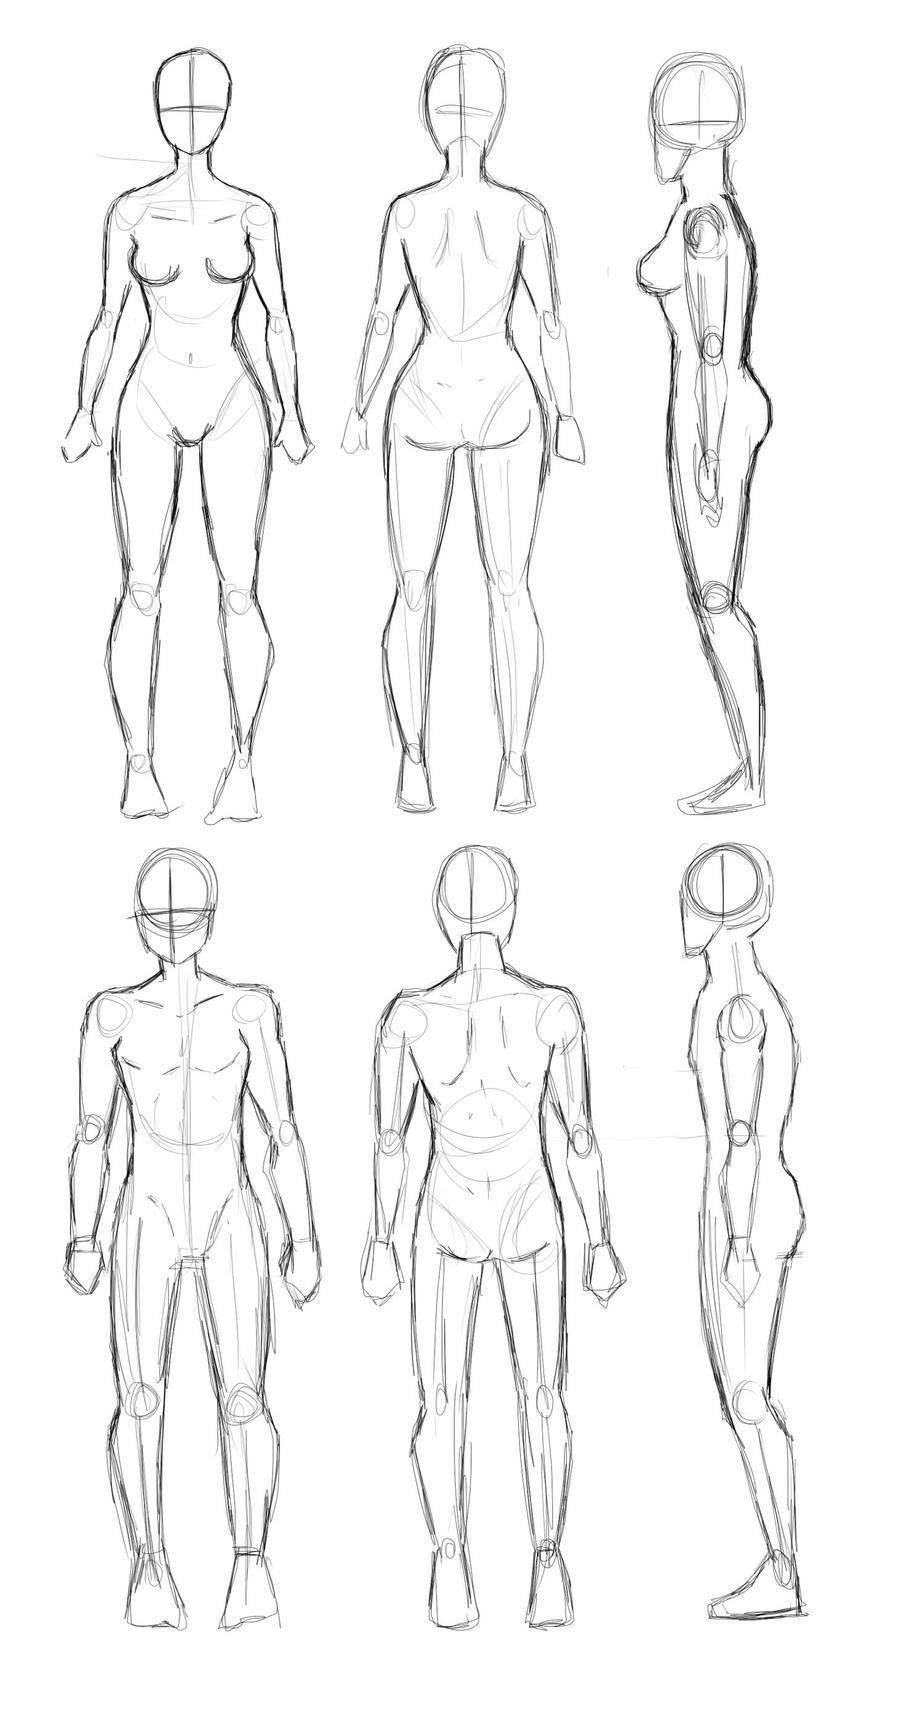 Anatomia y proporciones mejoradas by JaelynGS on DeviantArt